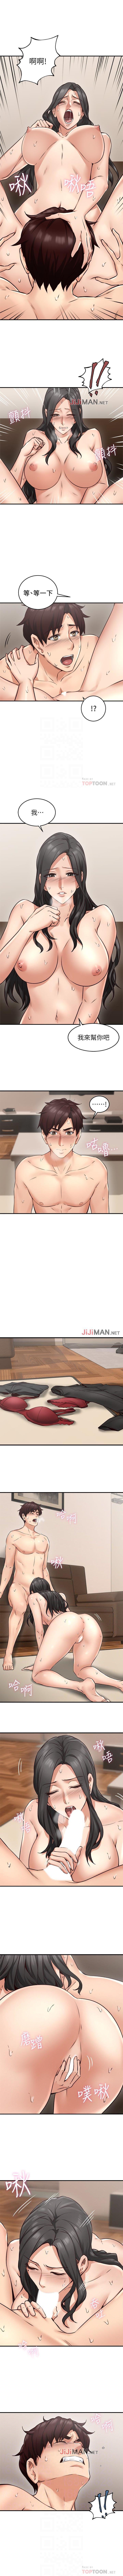 【周六更新】邻居人妻(作者:李周元 & 頸枕) 第1~50话 52